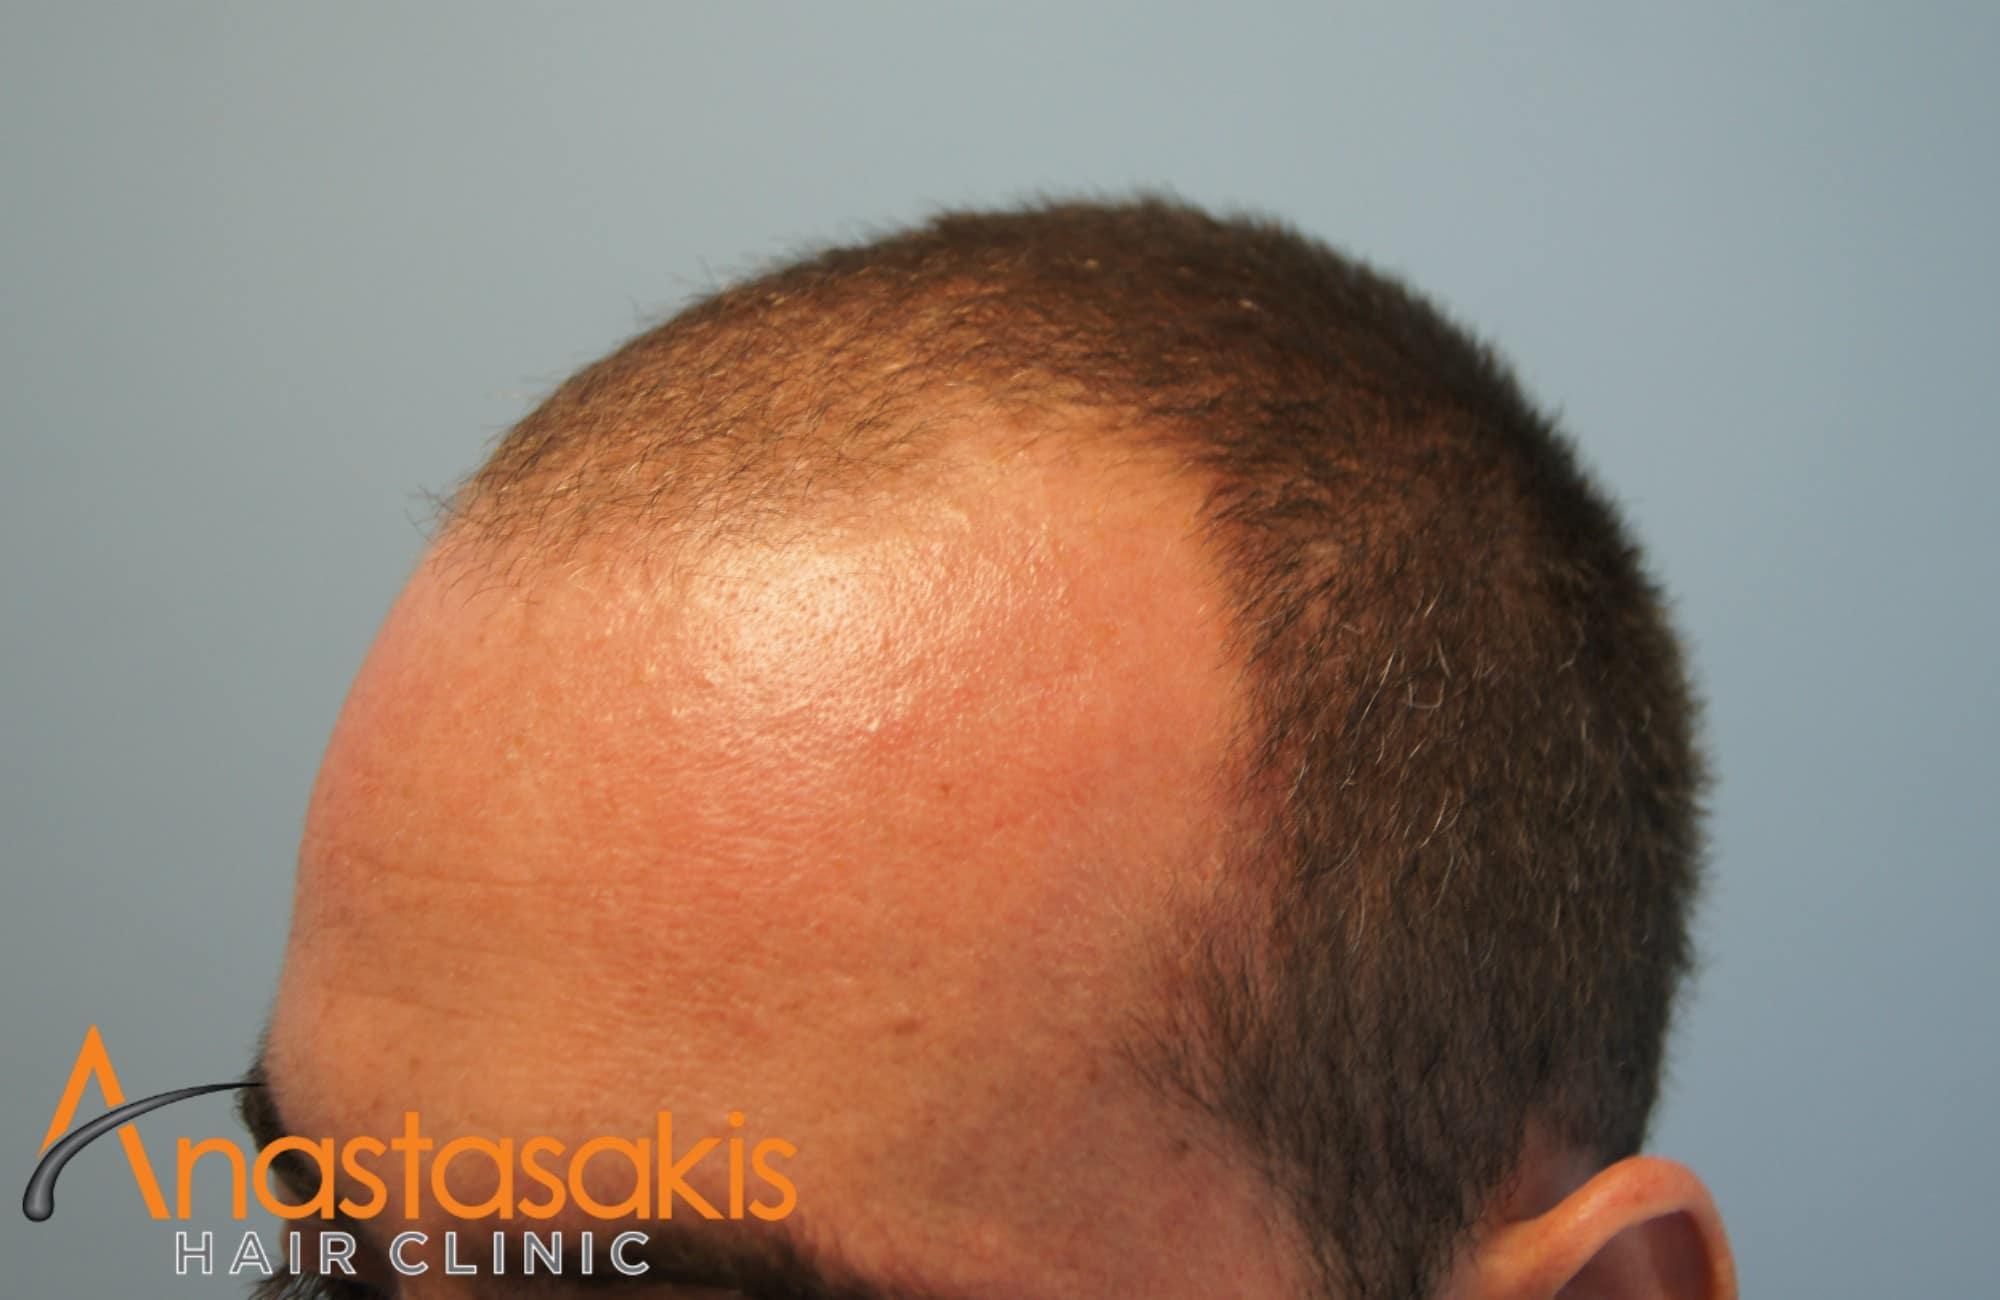 ασθενης πριν τη μεταμοσχευση μαλλιων με 2000fus δεξι προφιλ 2